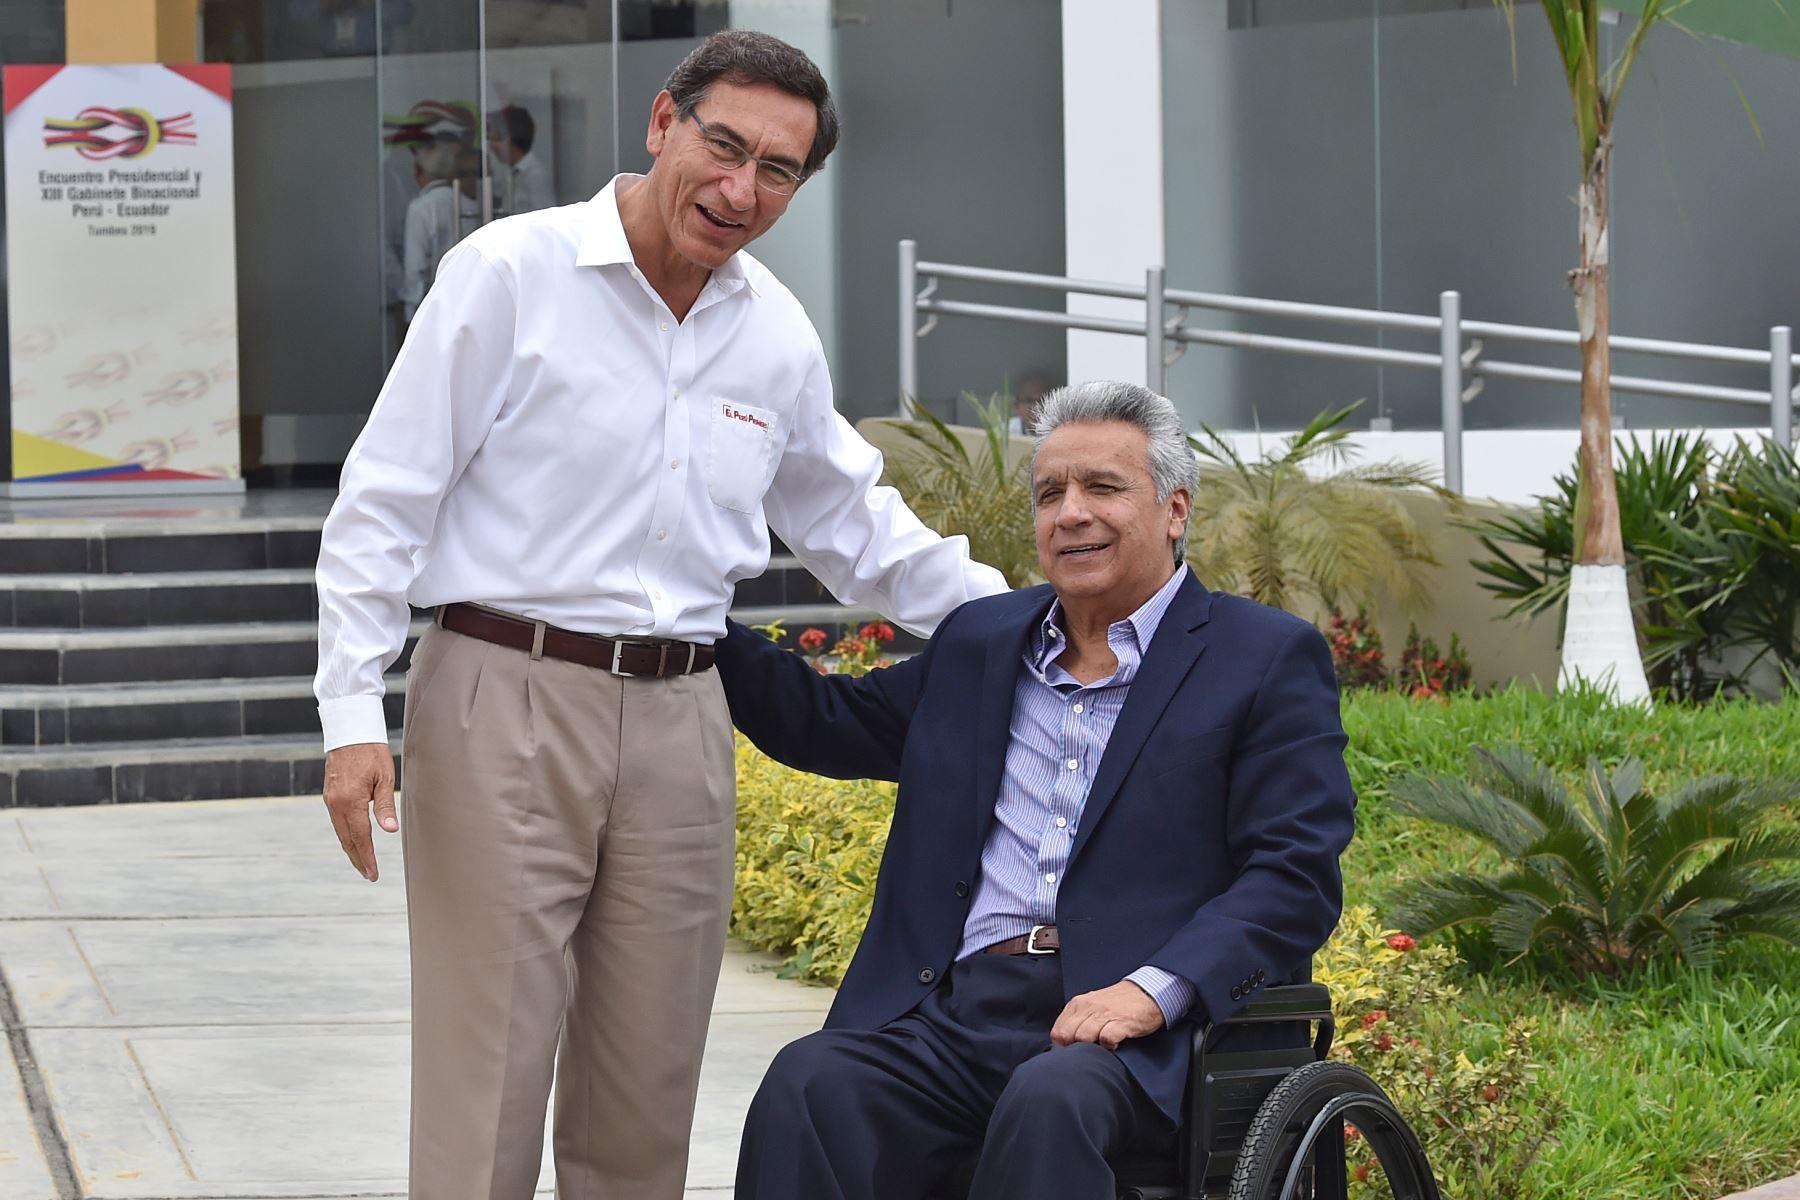 Martín Vizcarra y Lenín Moreno inician Encuentro Presidencial en Tumbes. Foto: AFP